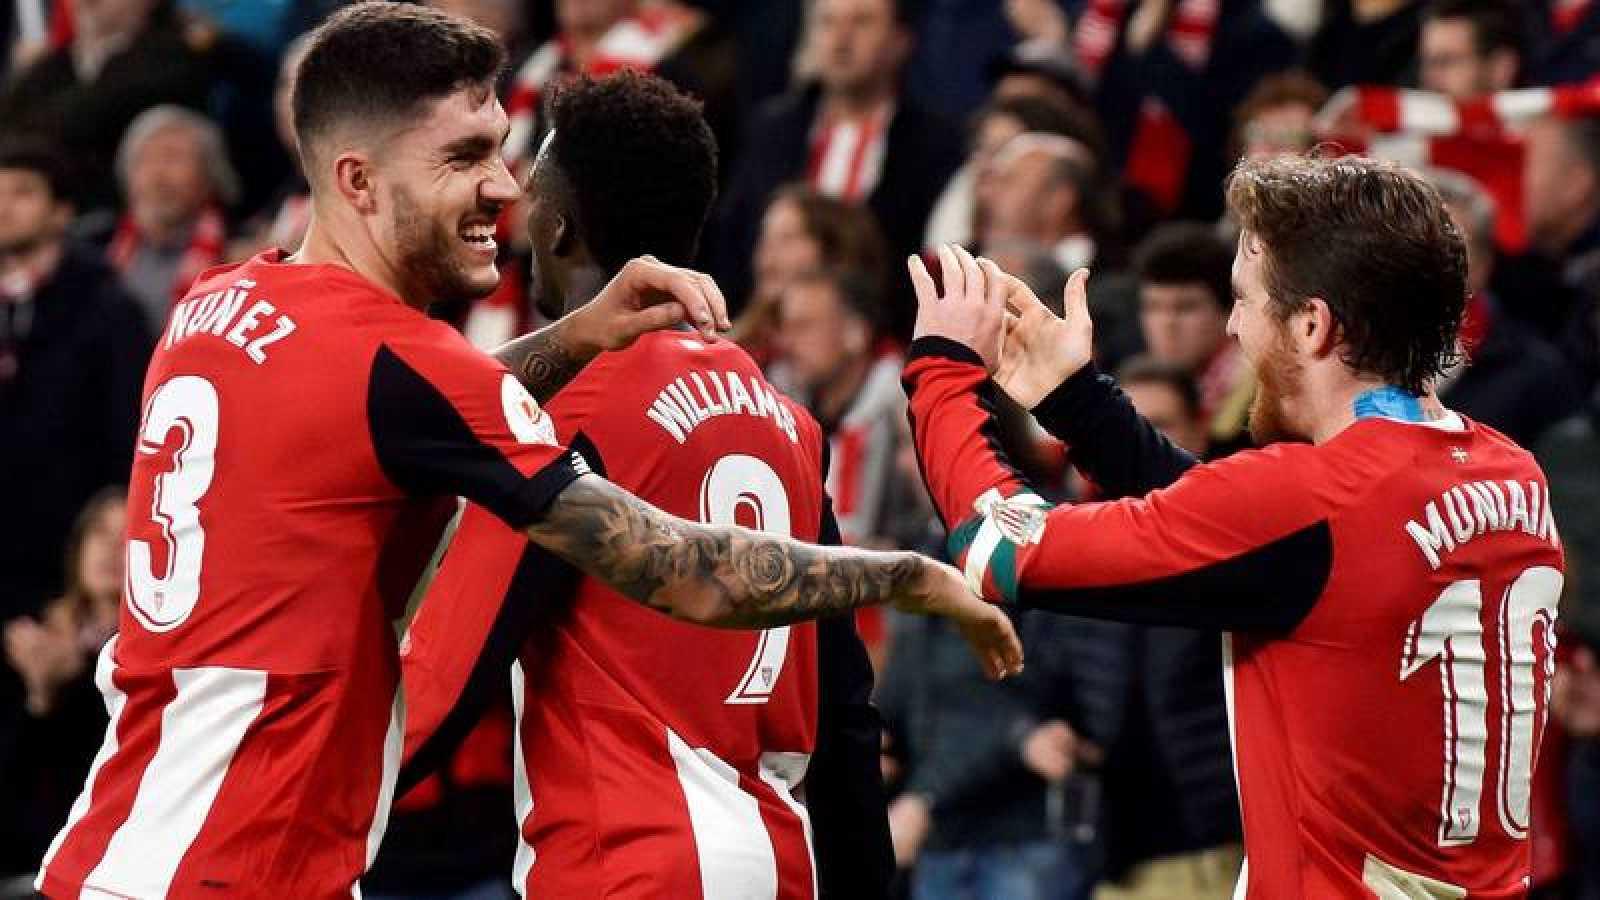 El centrocampista del Athletic Club de Bilbao Iker Muniain (d) celebra con sus compañeros su gol, primero de su equipo ante el Granada CF